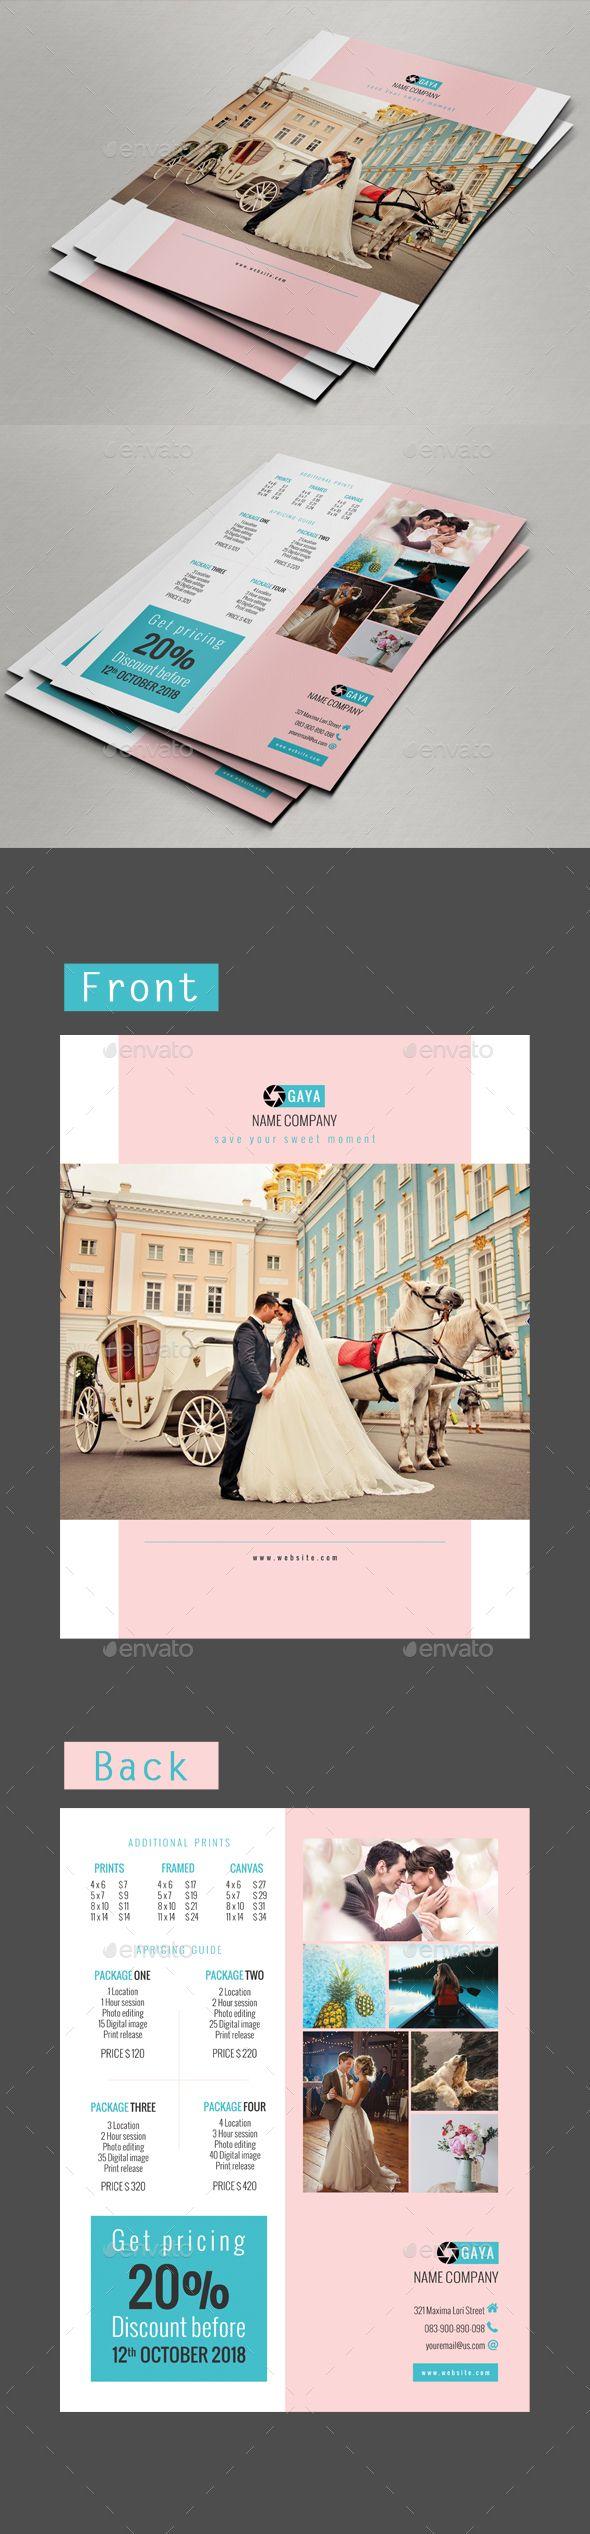 Best 25+ Marketing flyers ideas on Pinterest | Flyer design, Flyer ...